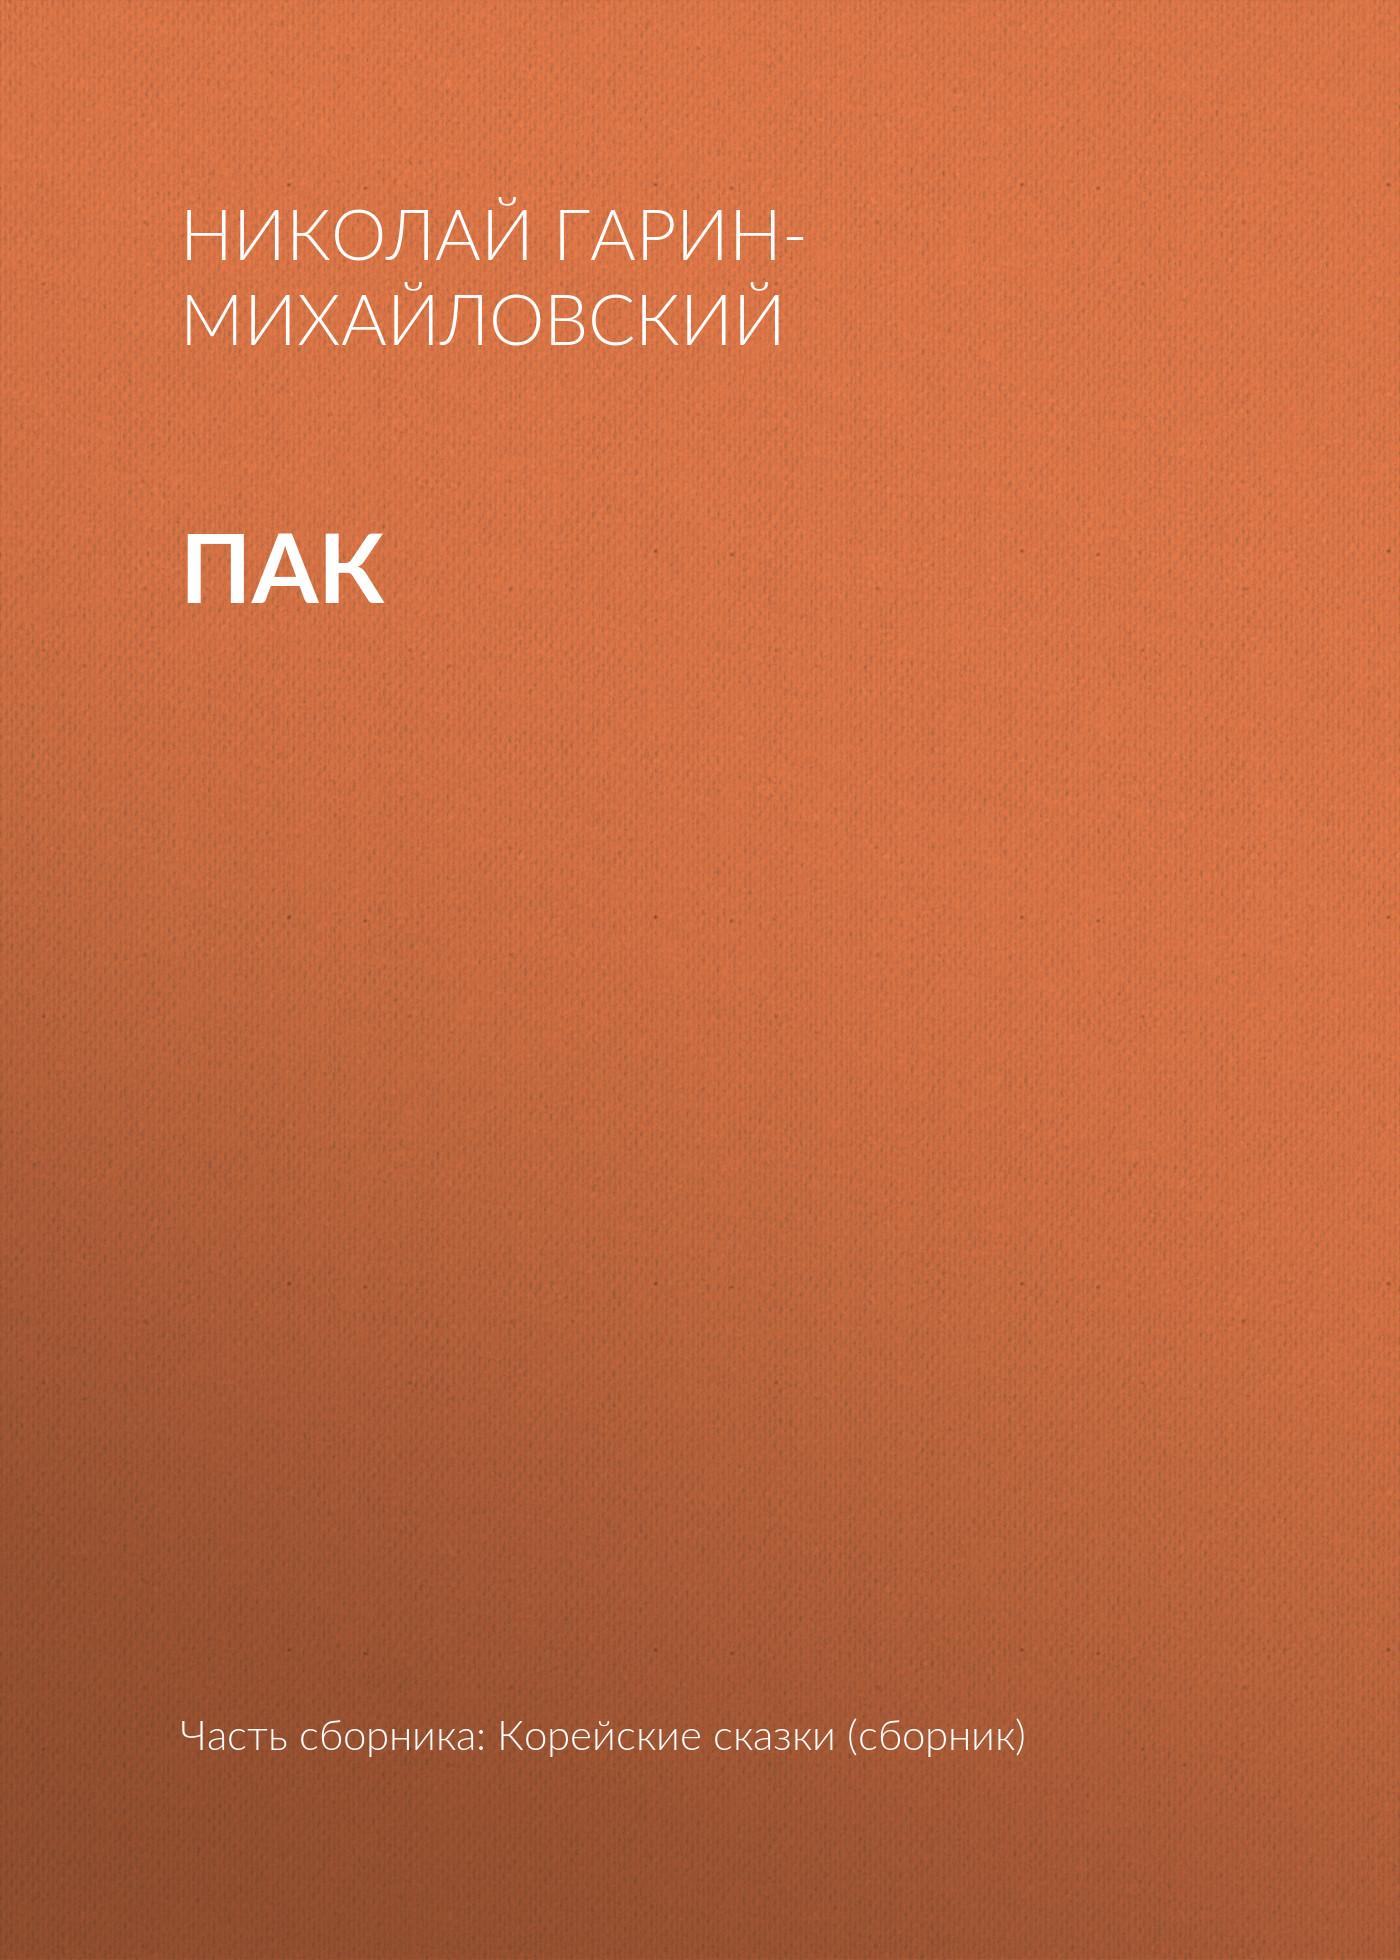 Николай Гарин-Михайловский Пак